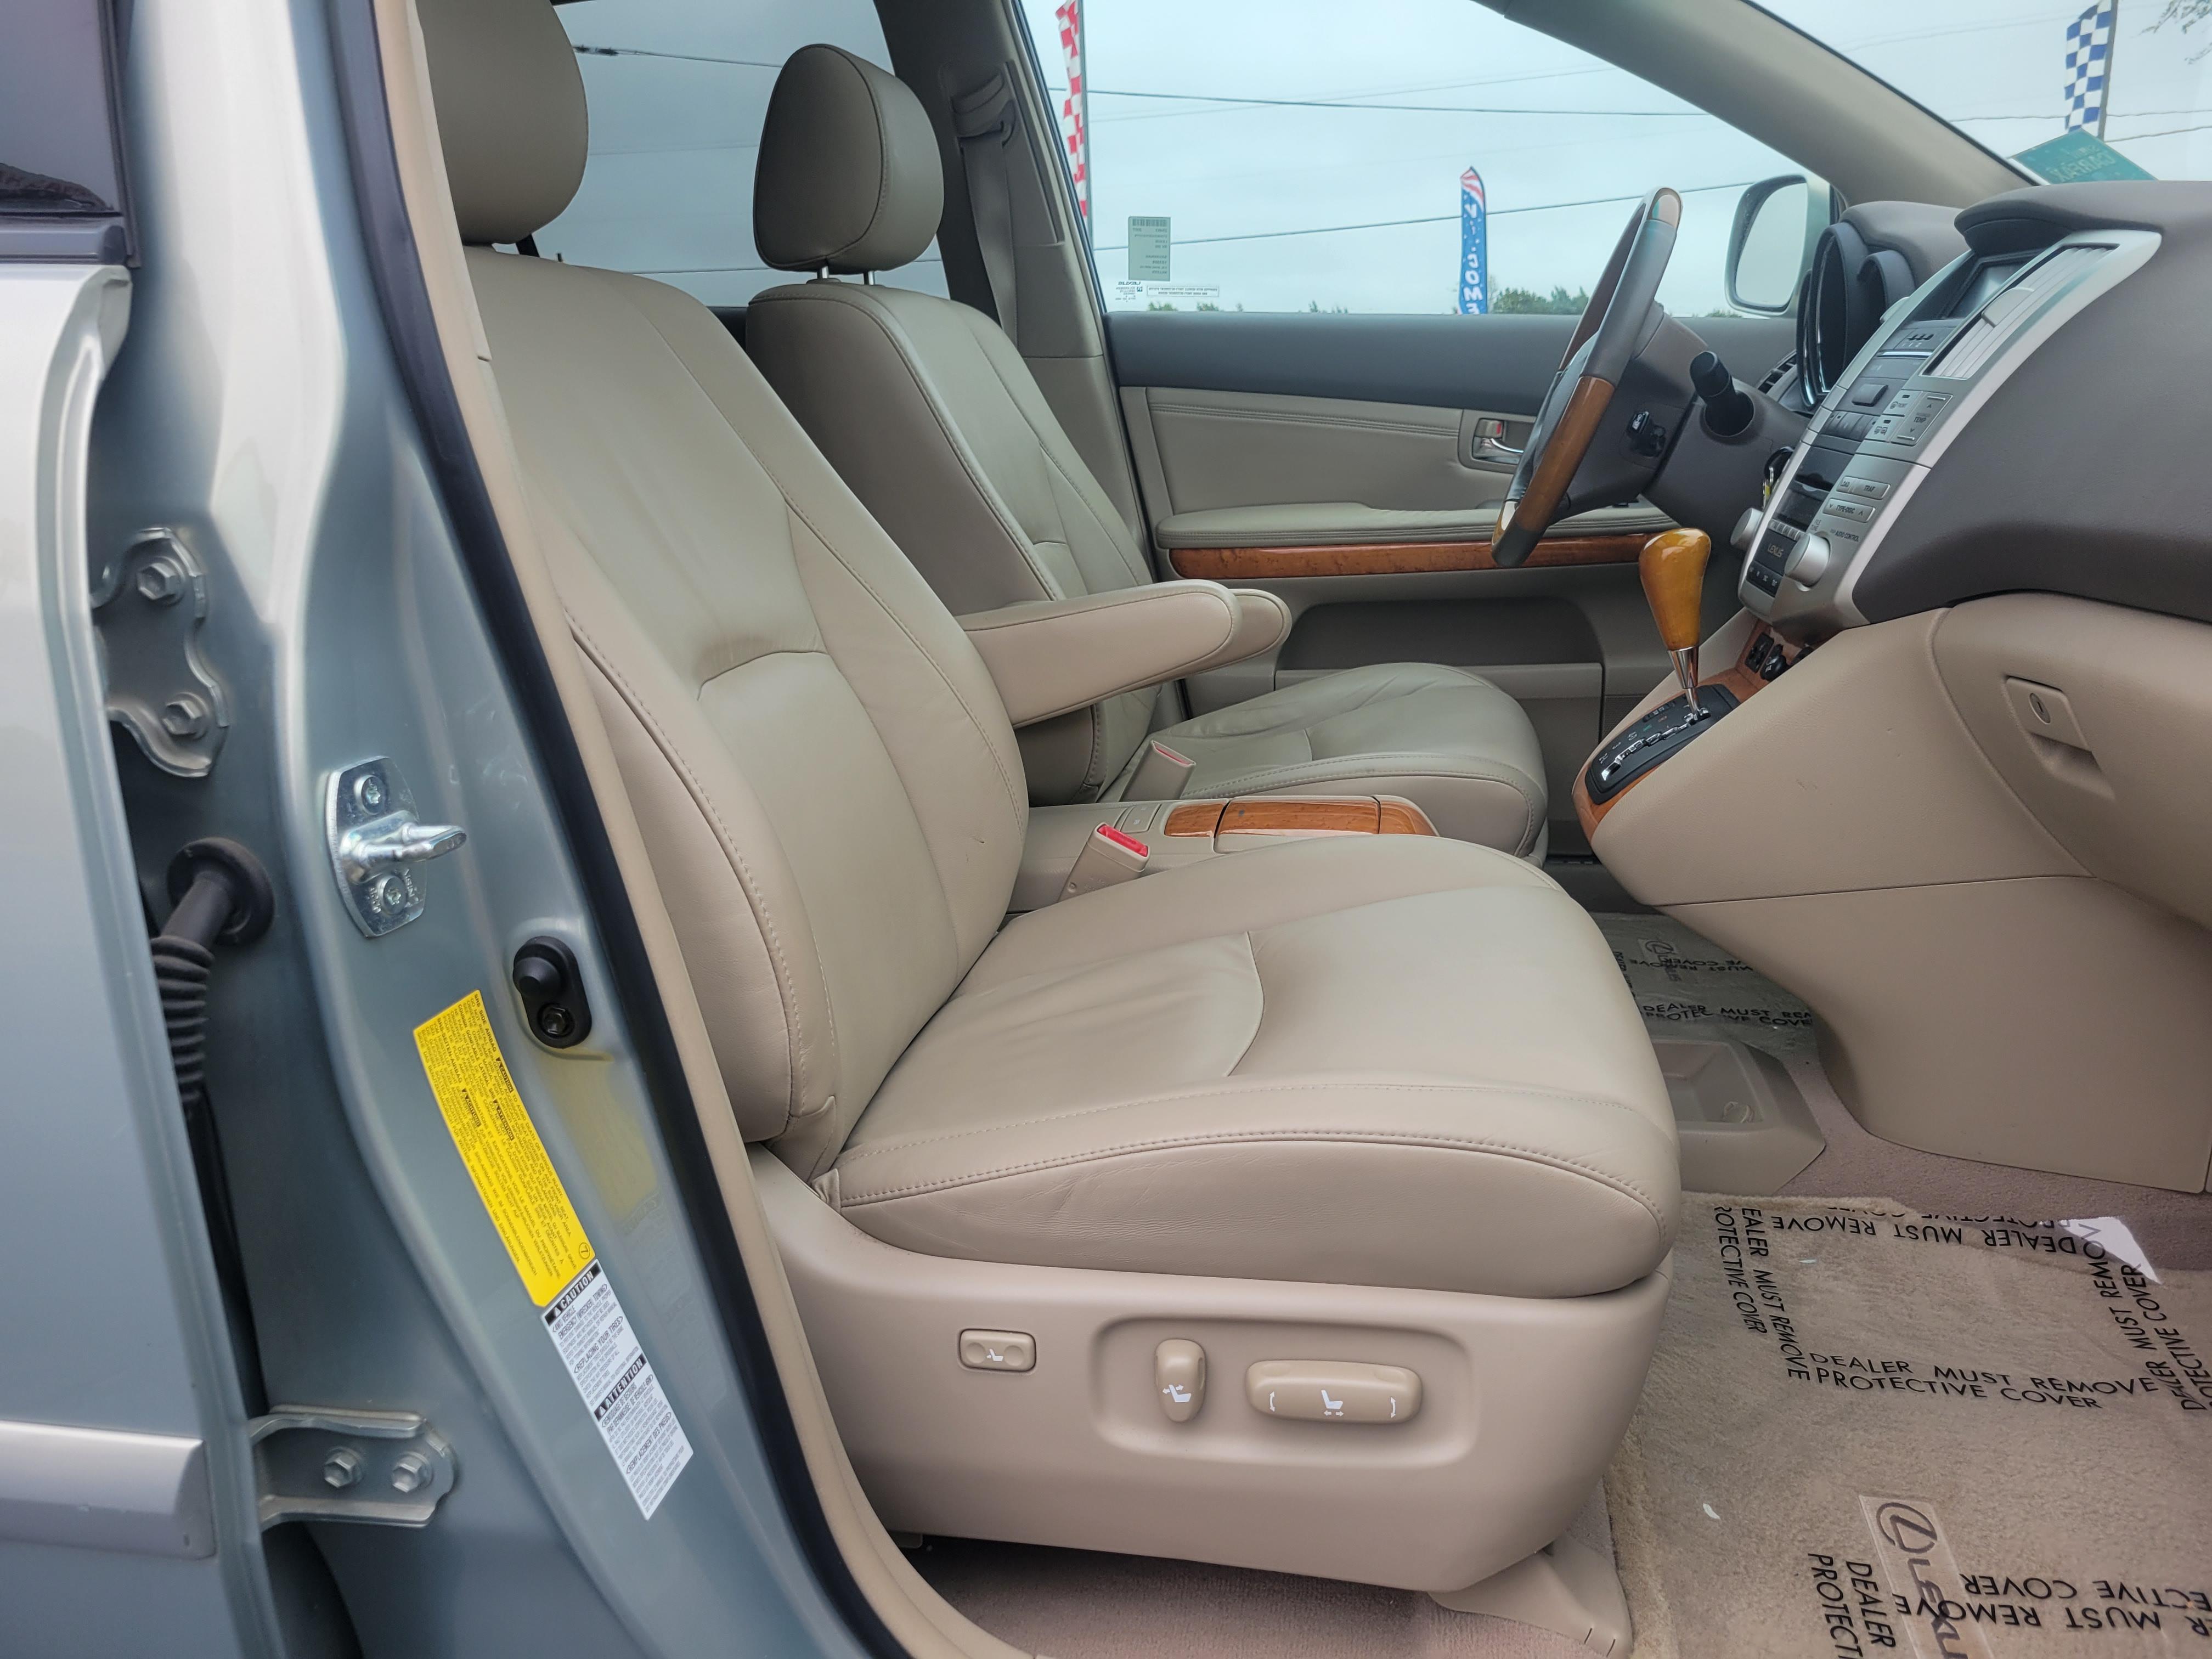 used vehicle - SUV LEXUS RX 350 2007